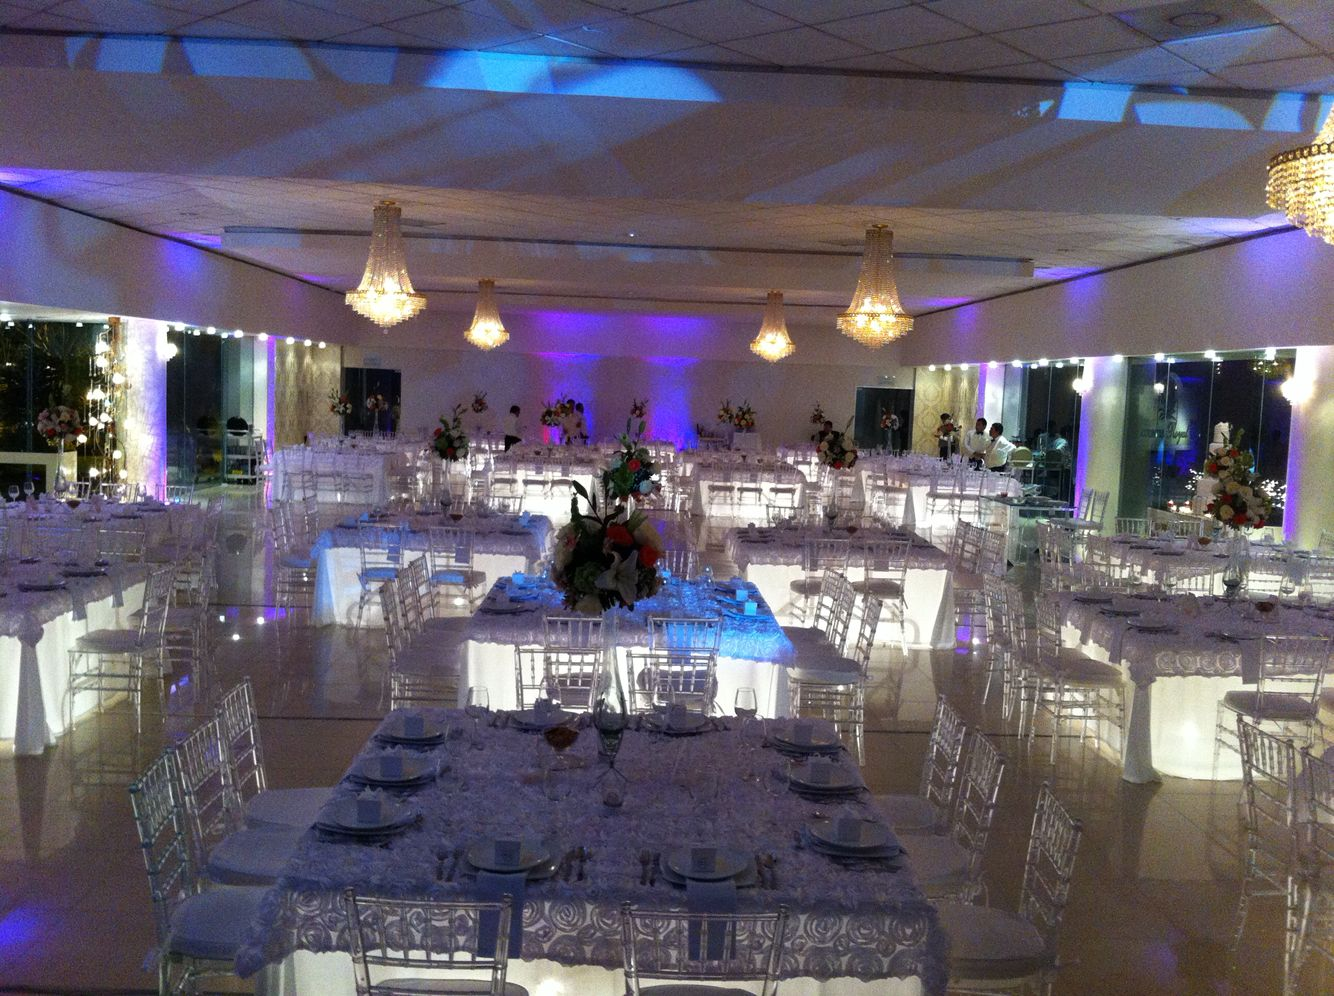 Elegante montaje. La iluminación de mesas y ambiental le dan ese toque romántico.